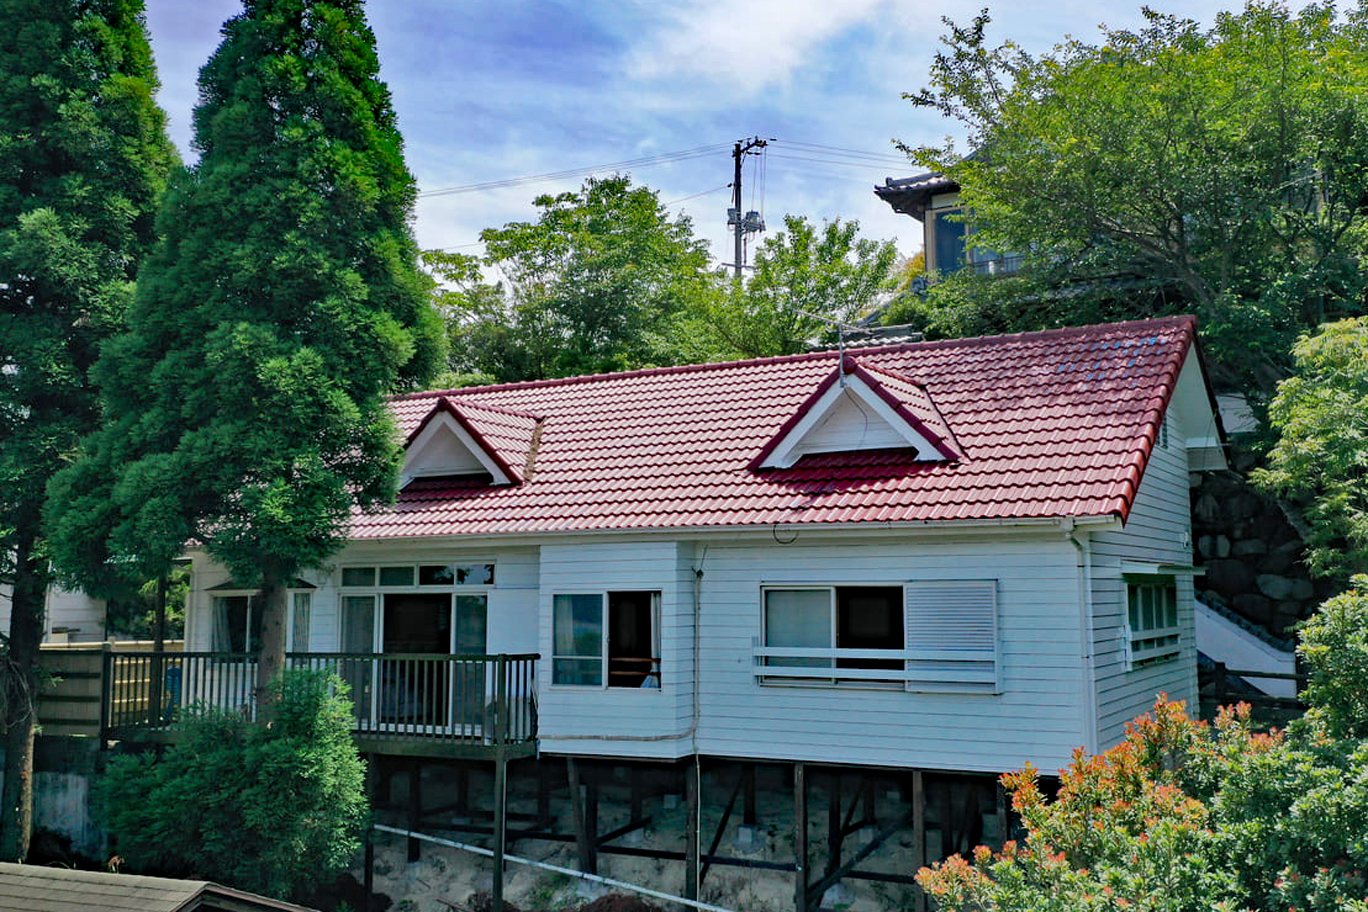 鴻島の別荘・4LDK・リフォーム済みの格安物件